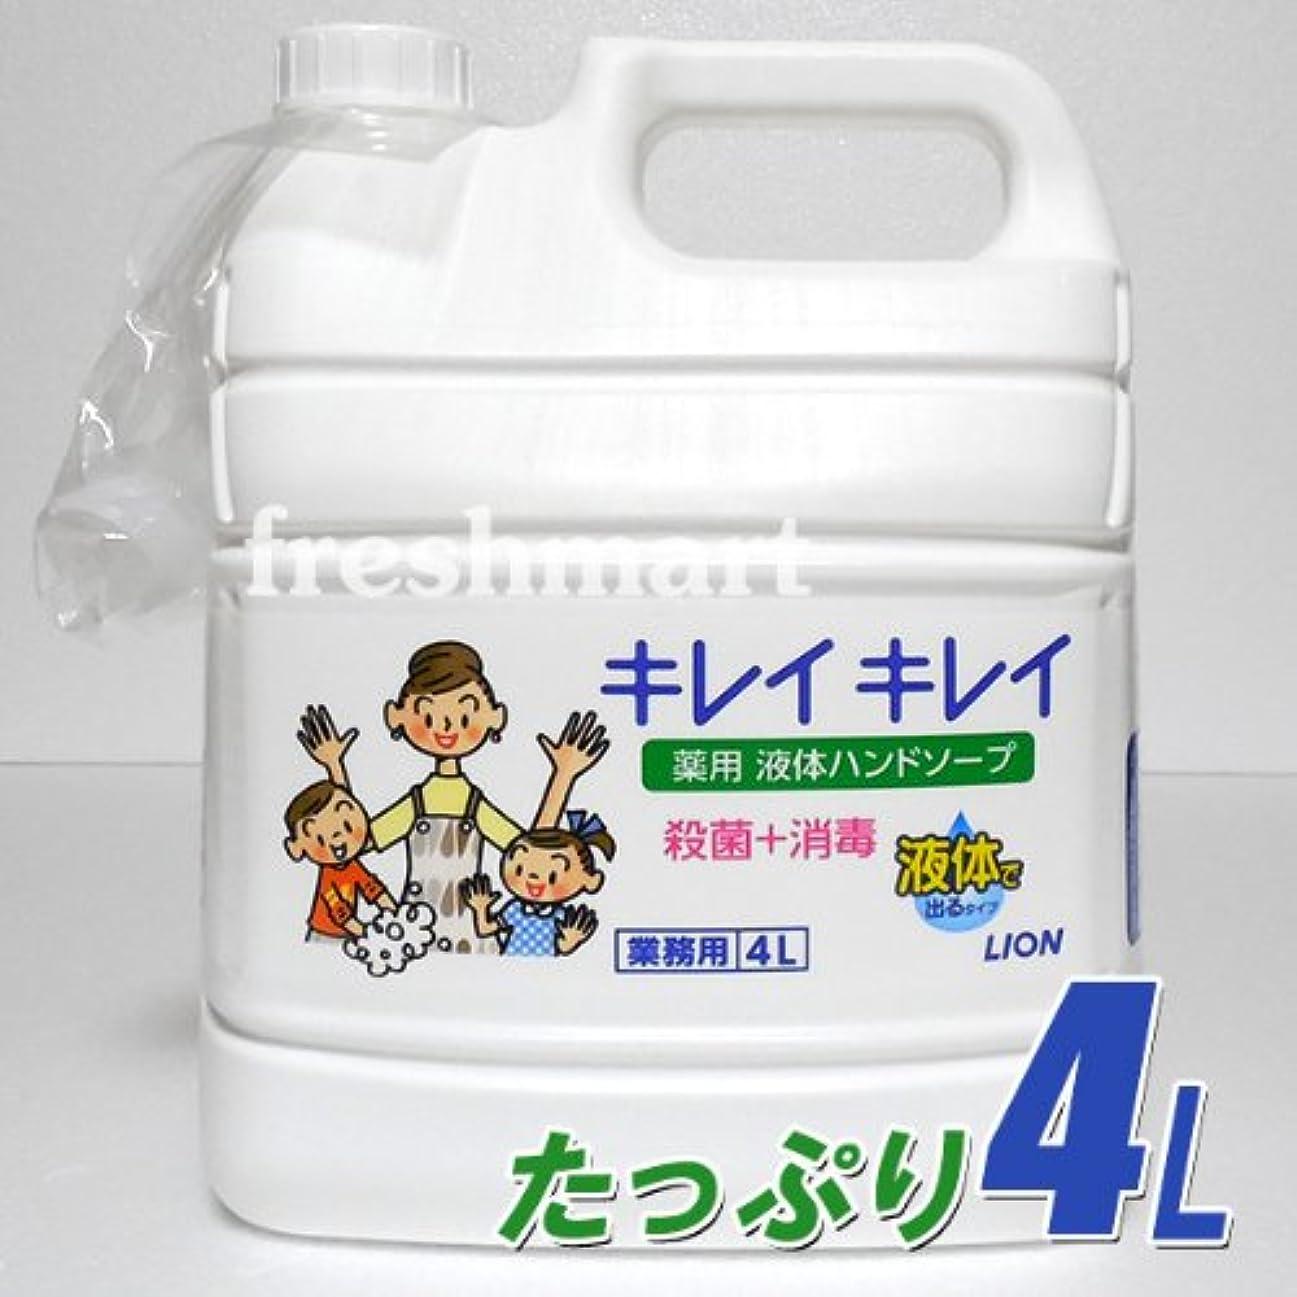 屋内ブラシ仲間☆100%植物性洗浄成分使用☆ ライオン キレイキレイ 薬用液体ハンドソープ つめかえ用4L 業務用 大容量 ボトル